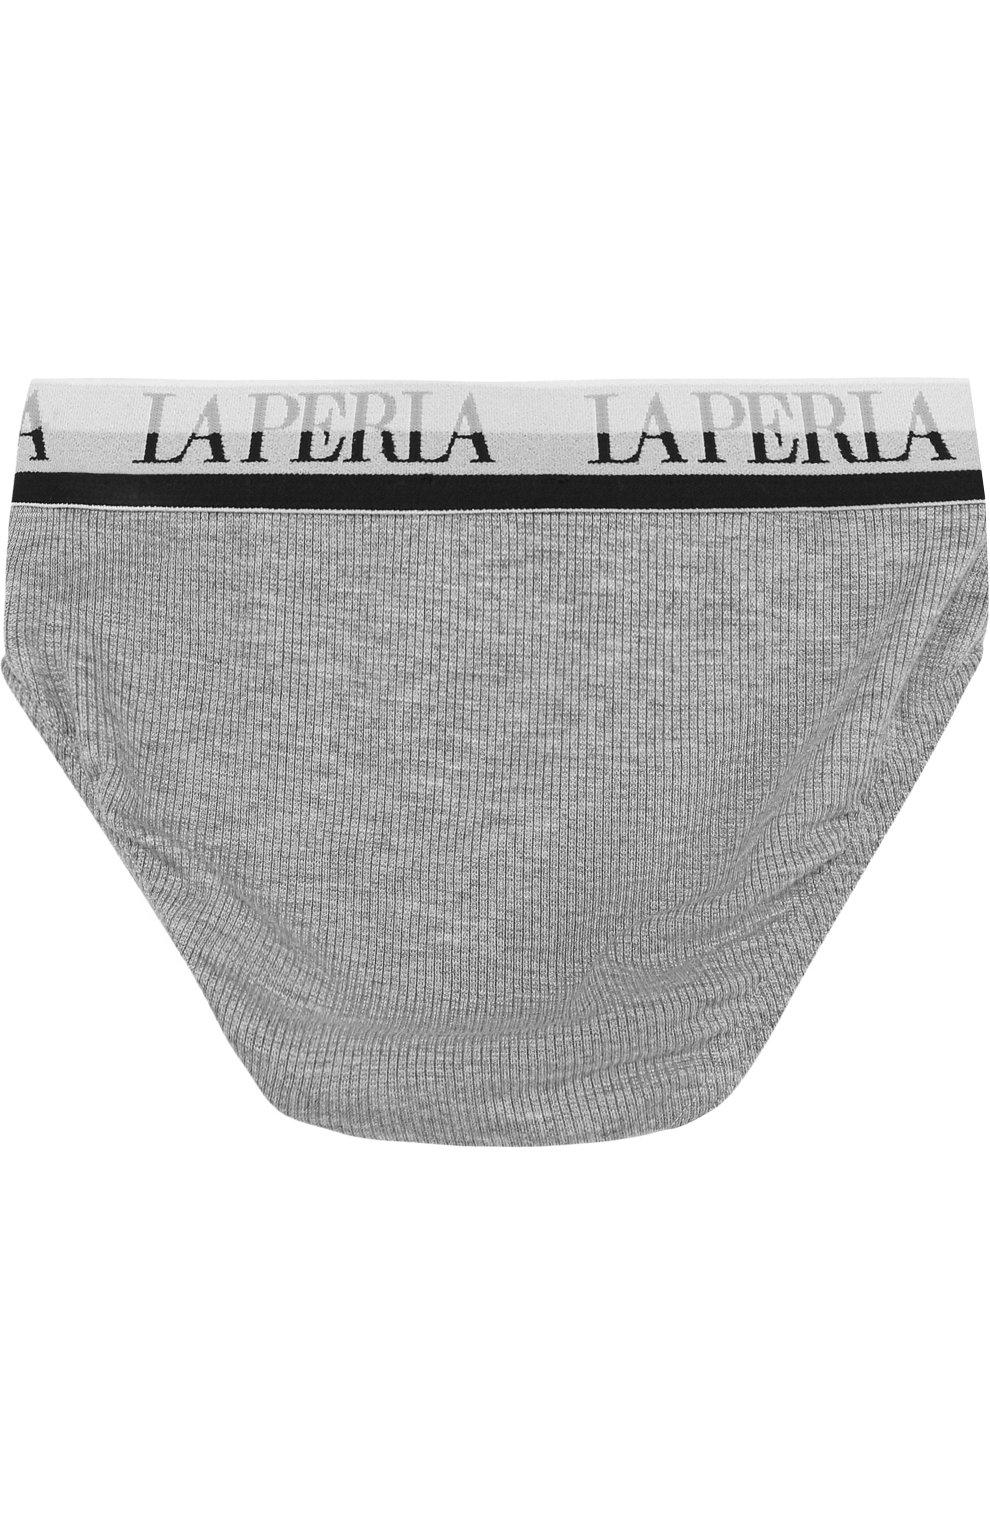 Детские брифы из вискозы с широкой резинкой LA PERLA серого цвета, арт. 54368/2A-6A | Фото 2